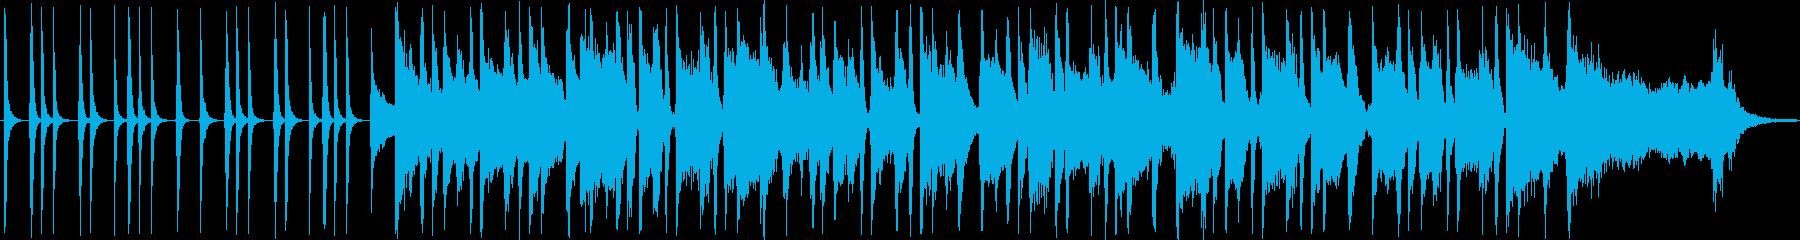 おしゃれなボサノバ風BGMの再生済みの波形